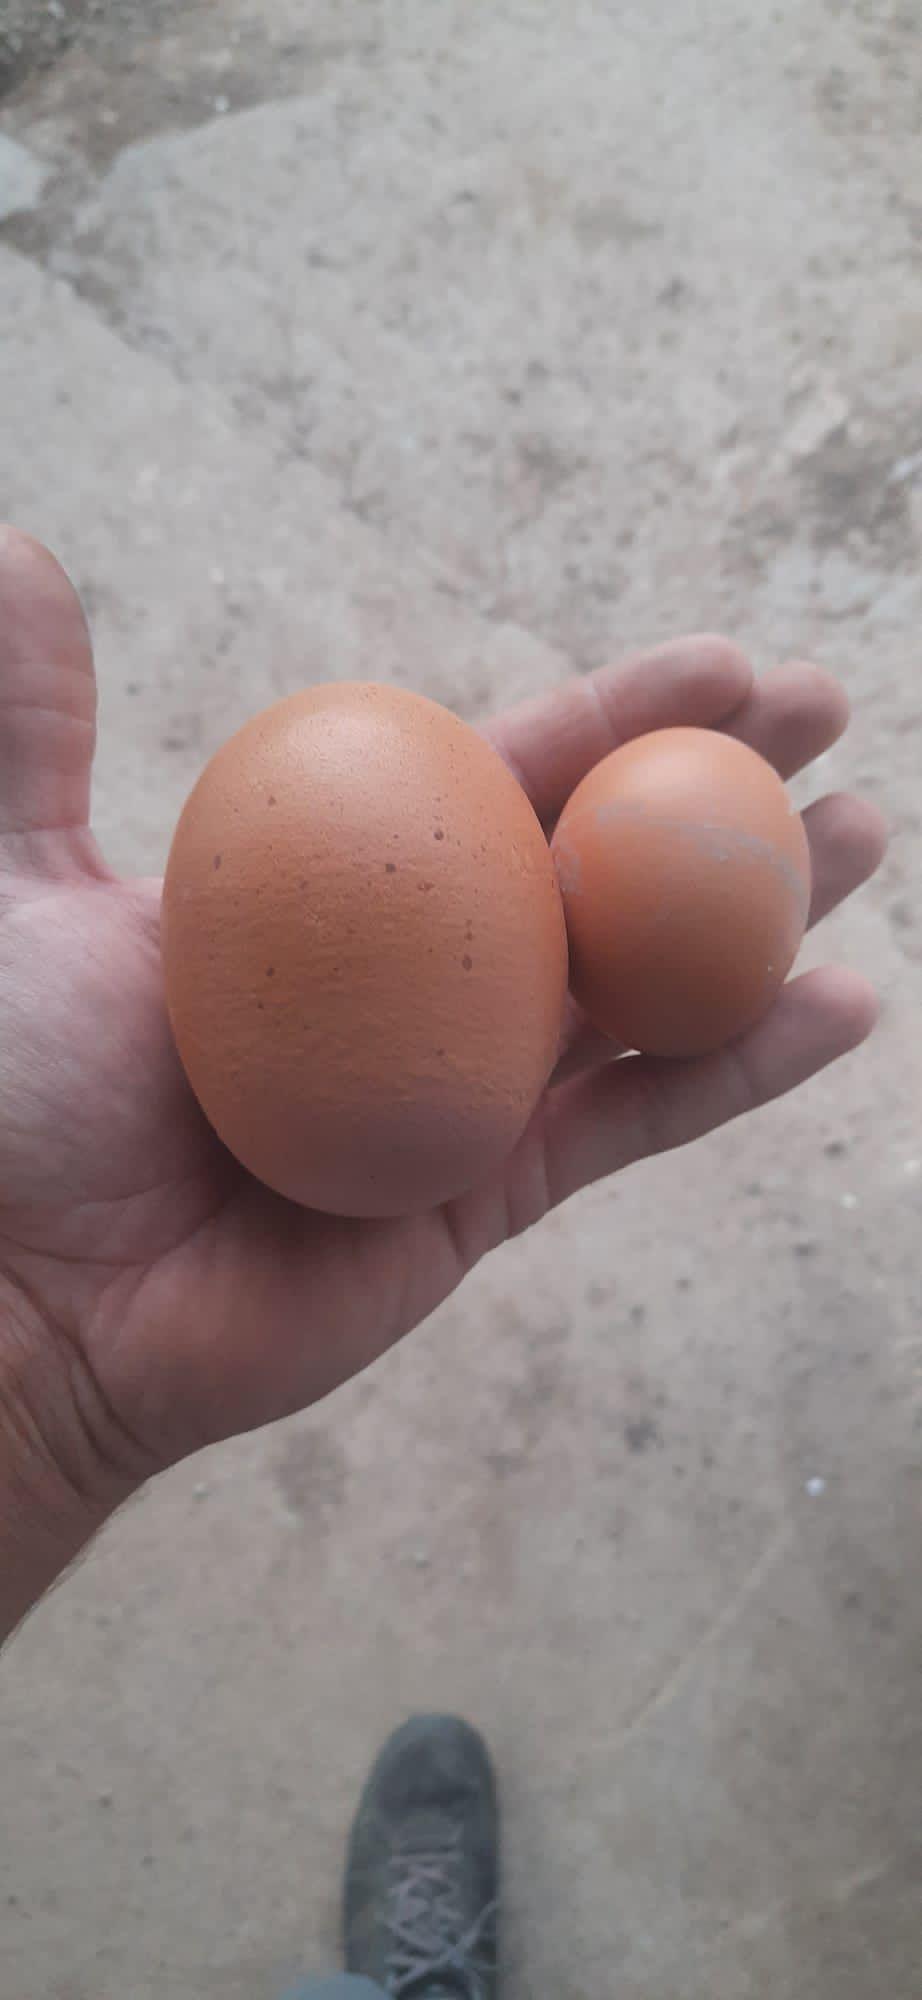 FOTOGALERÍA | El huevo de gallina más grande de España, en La Almunia de Doña Godina